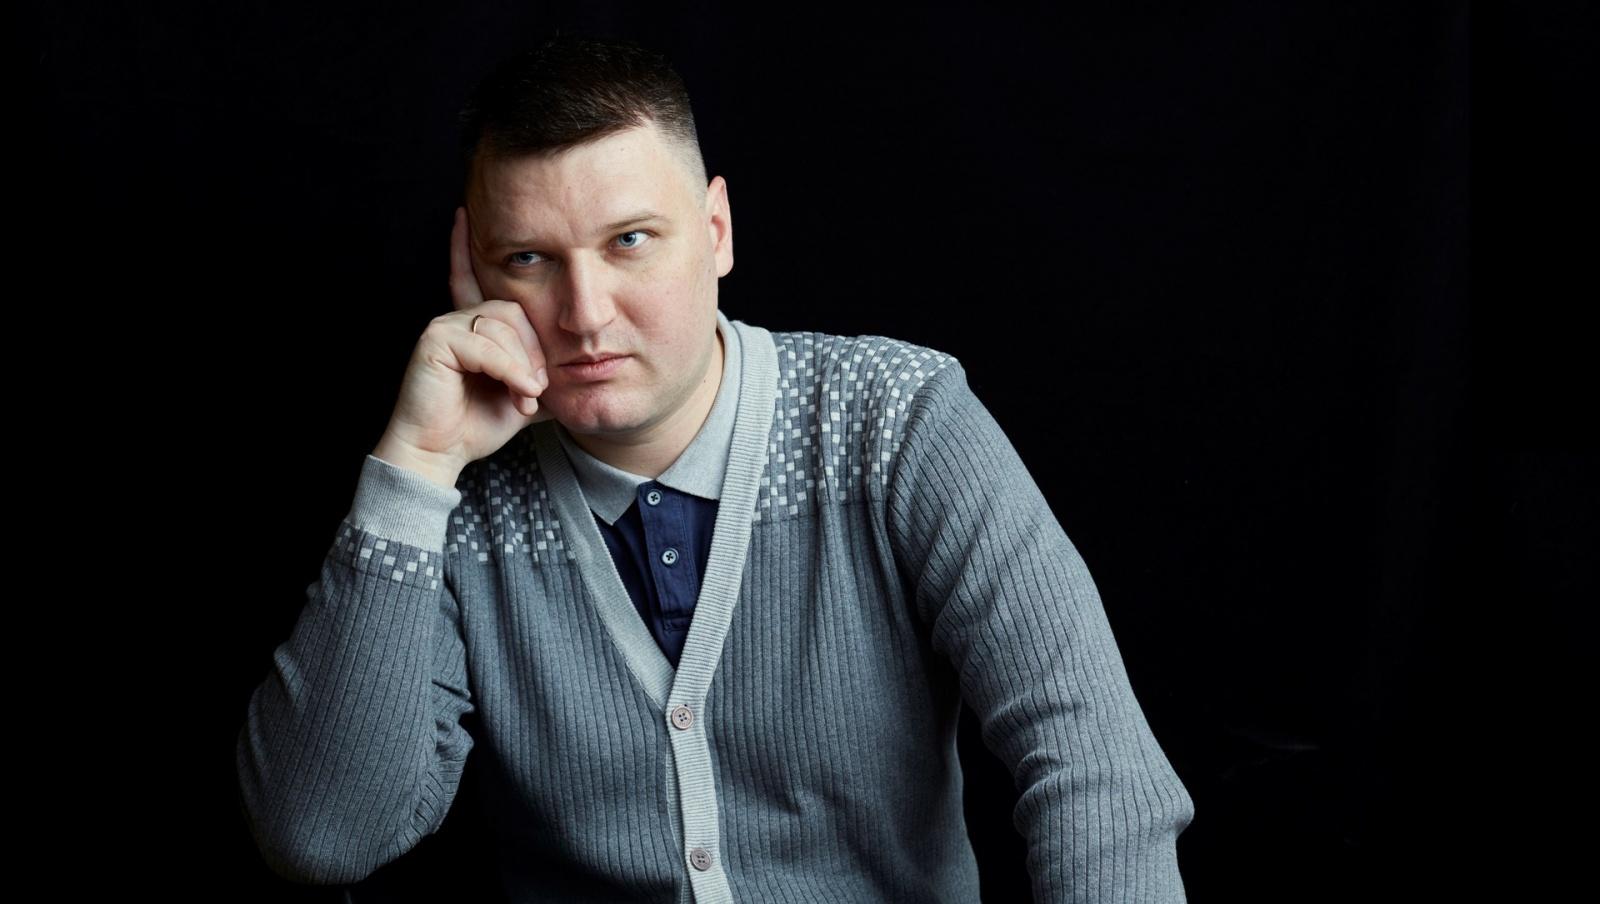 Артём Козлюк, руководитель Роскомсвободы